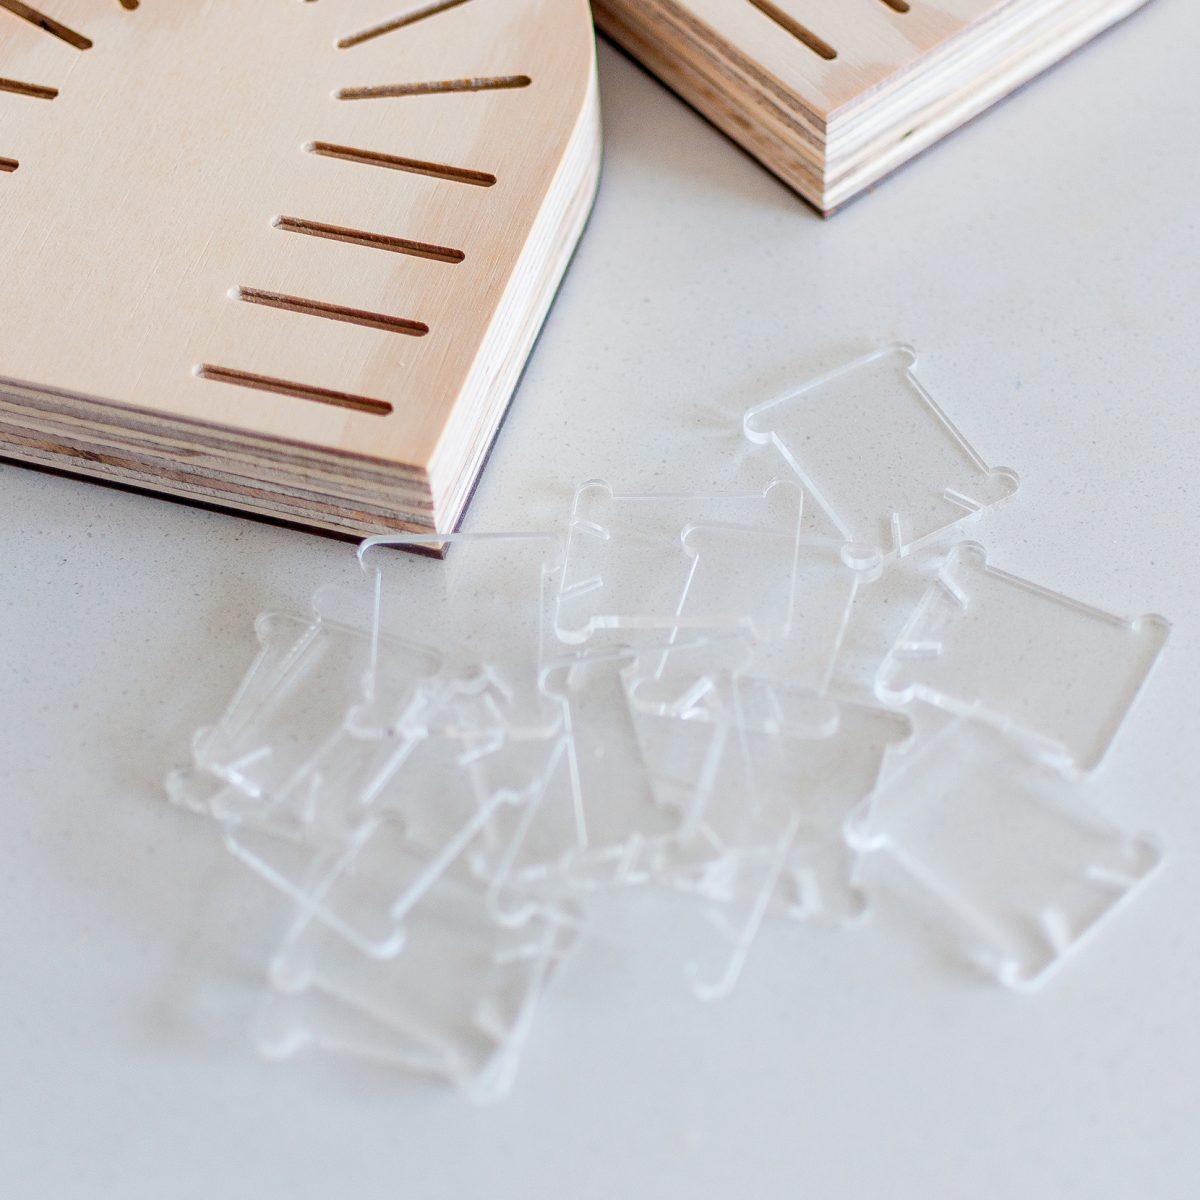 Clear Acrylic Thread Bobbins